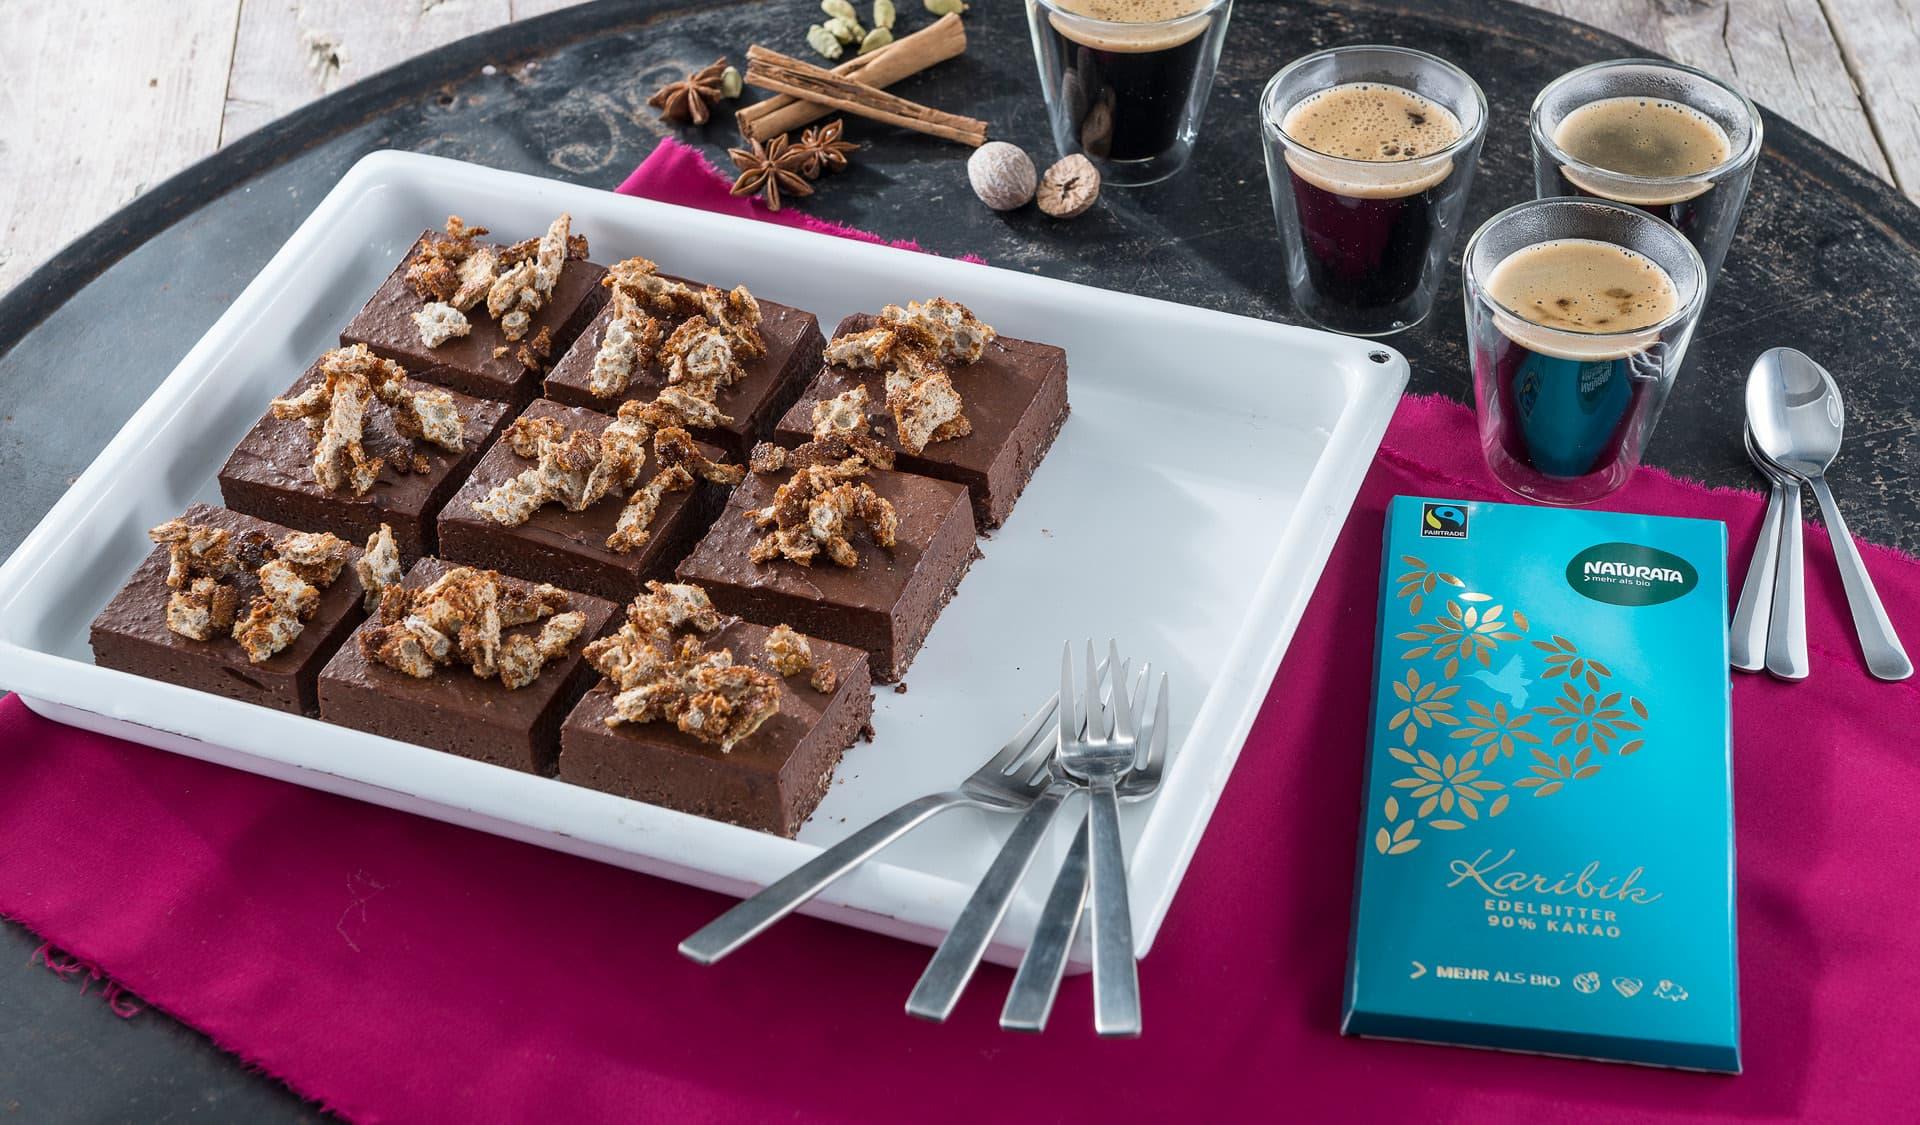 Schokoladenkuchen auf einer Platte